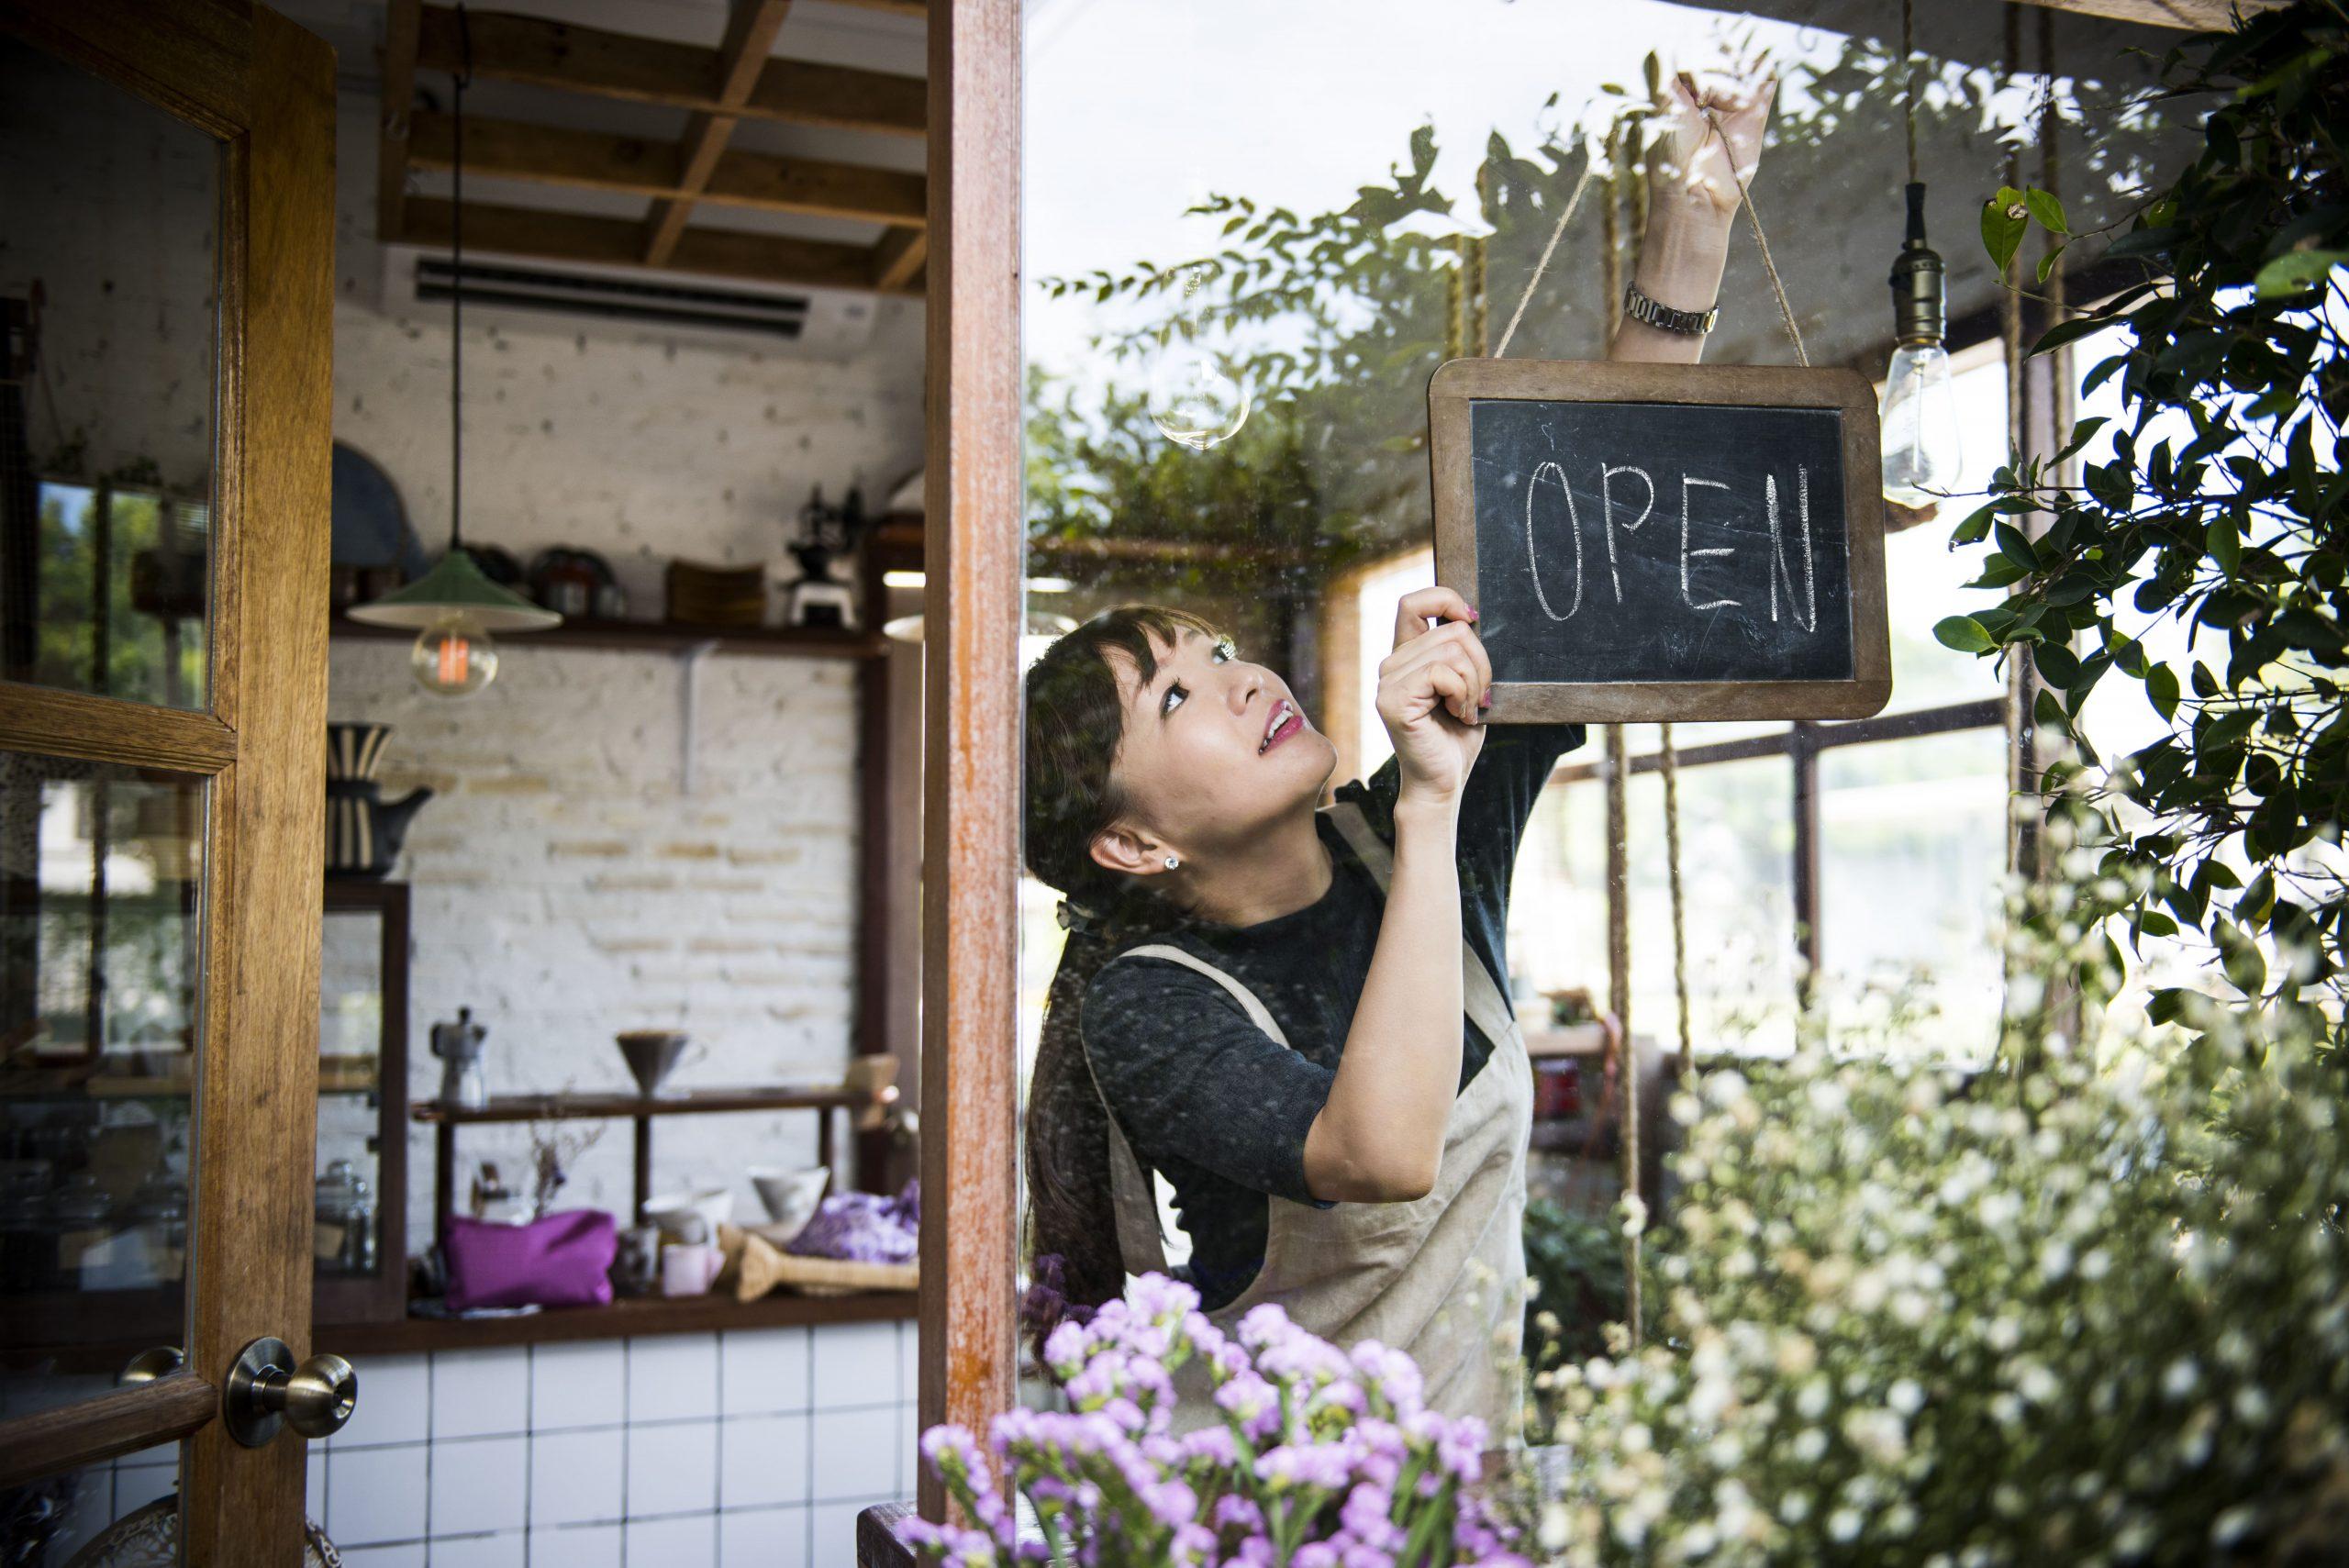 自営業をやりたい!始め方とメリット・デメリットを解説